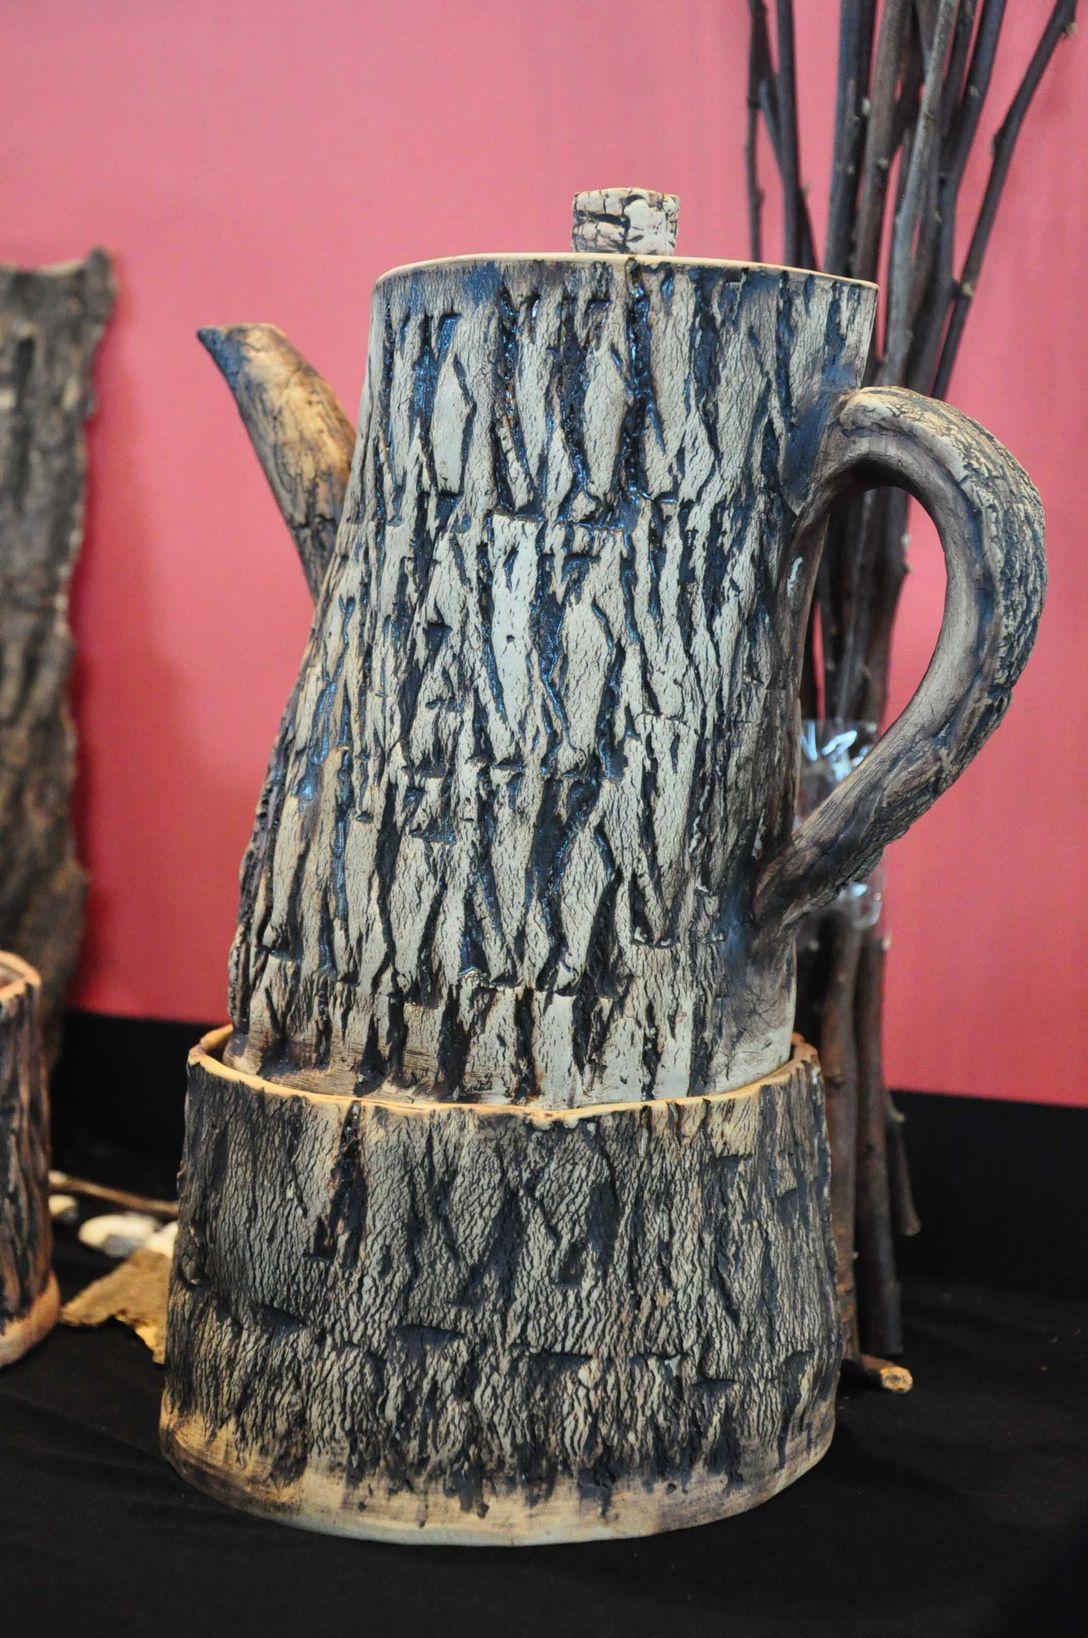 pottery art ชุดน้ำชารูปทรงลาย